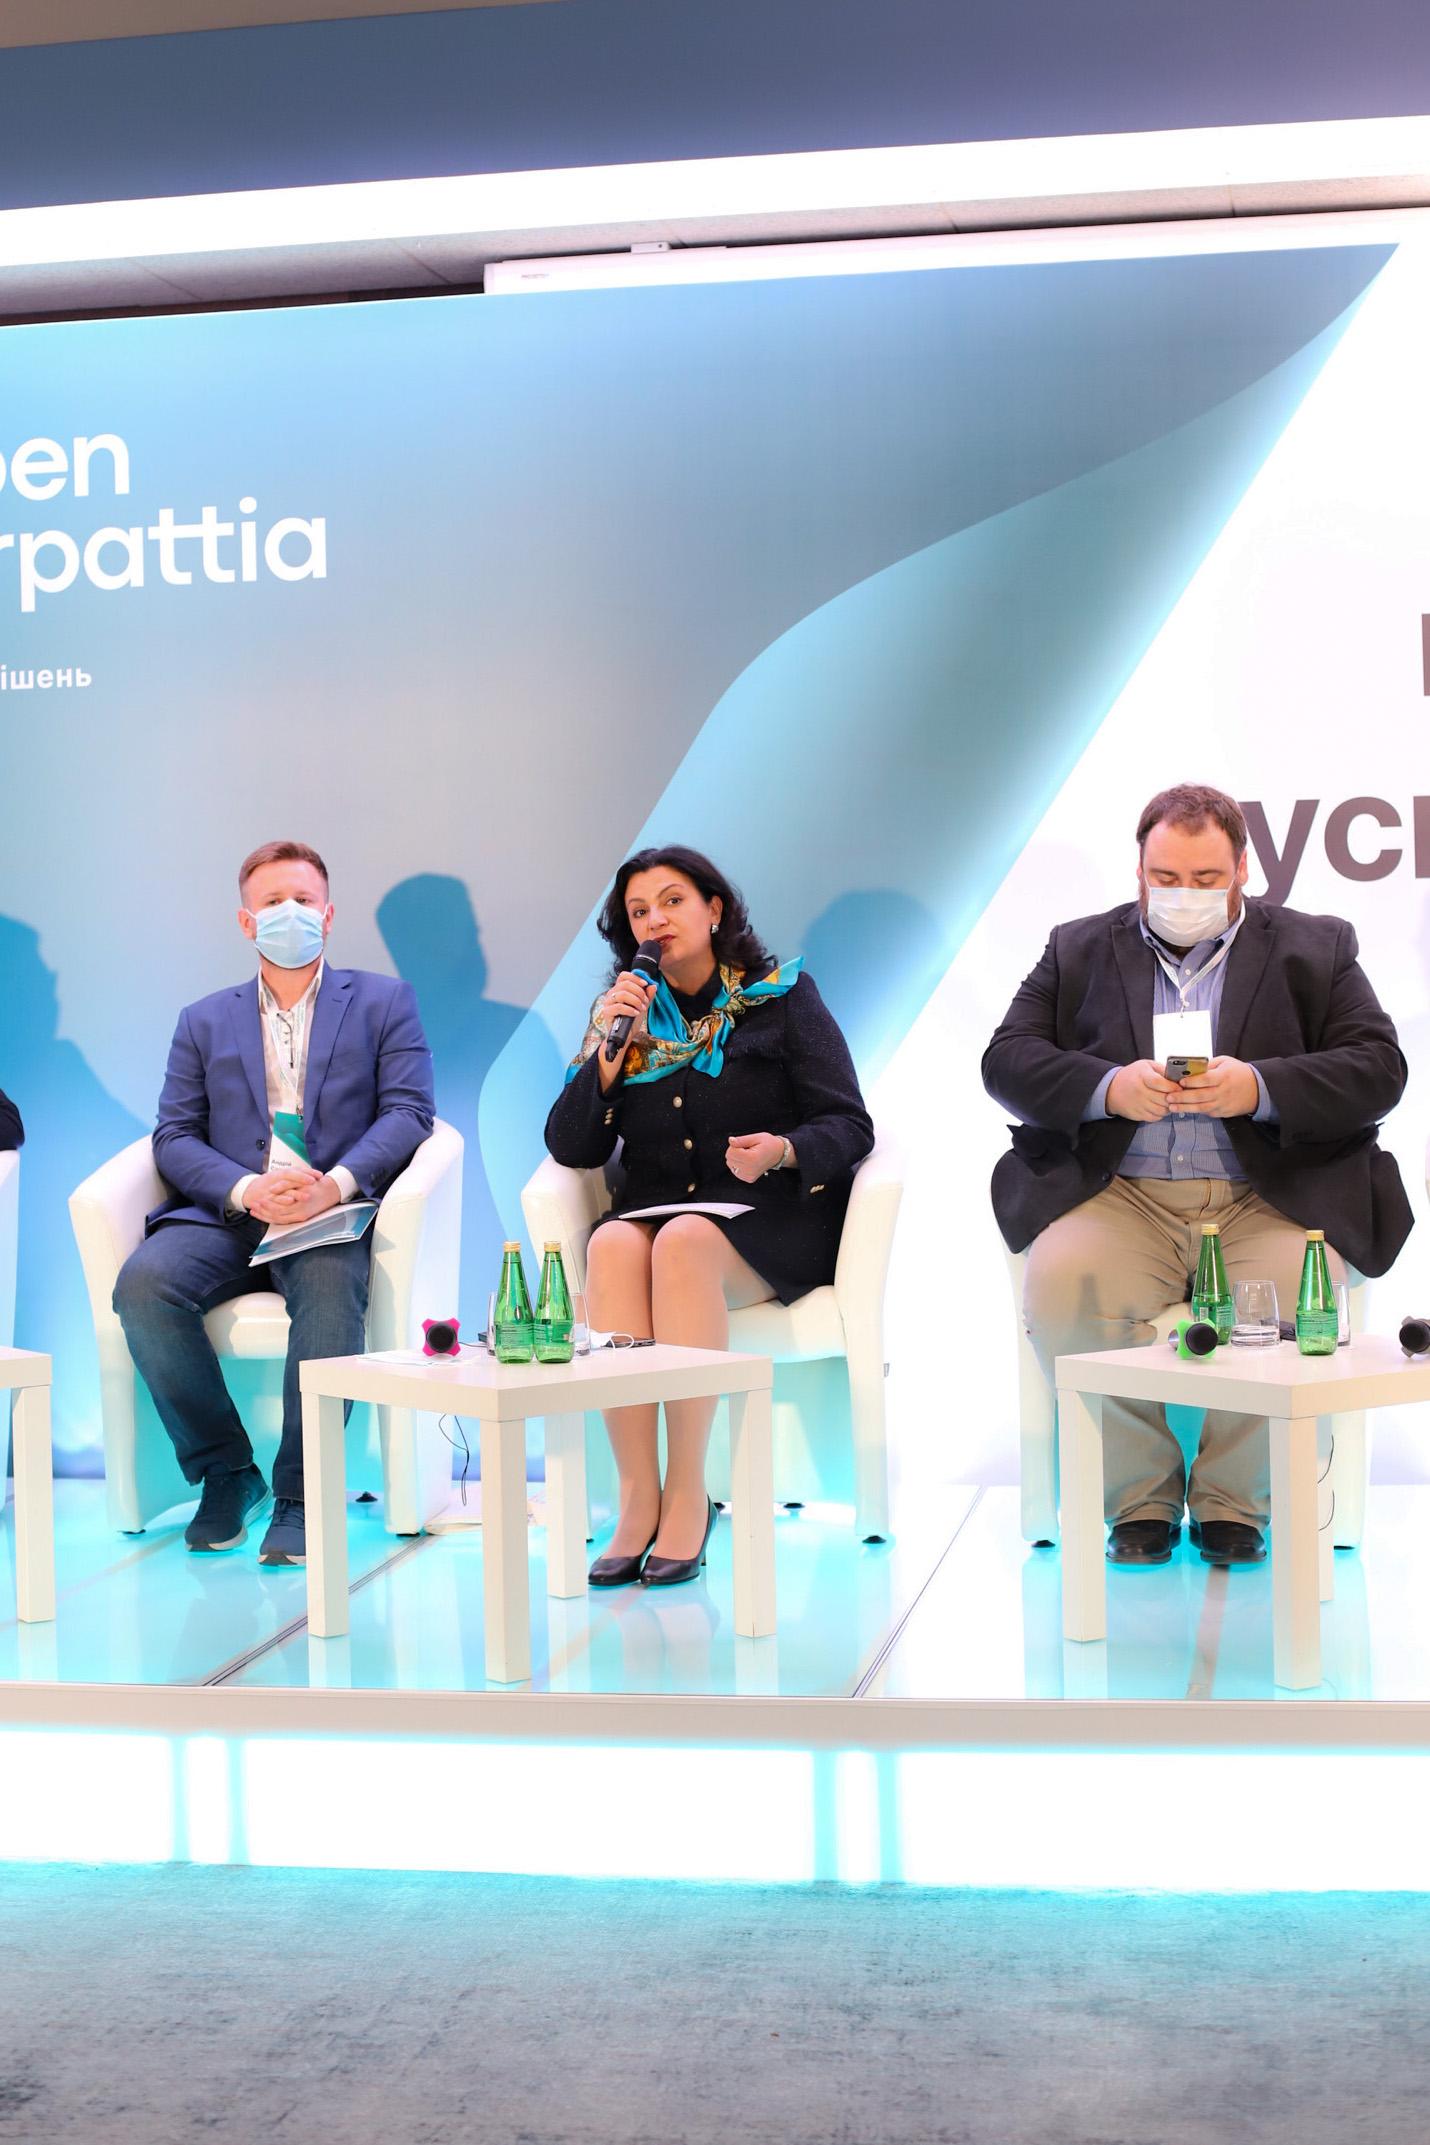 Головна проблема Закарпаття це те, що протягом 30 років незалежності, держава Україна була недостатньо присутня в регіоні.